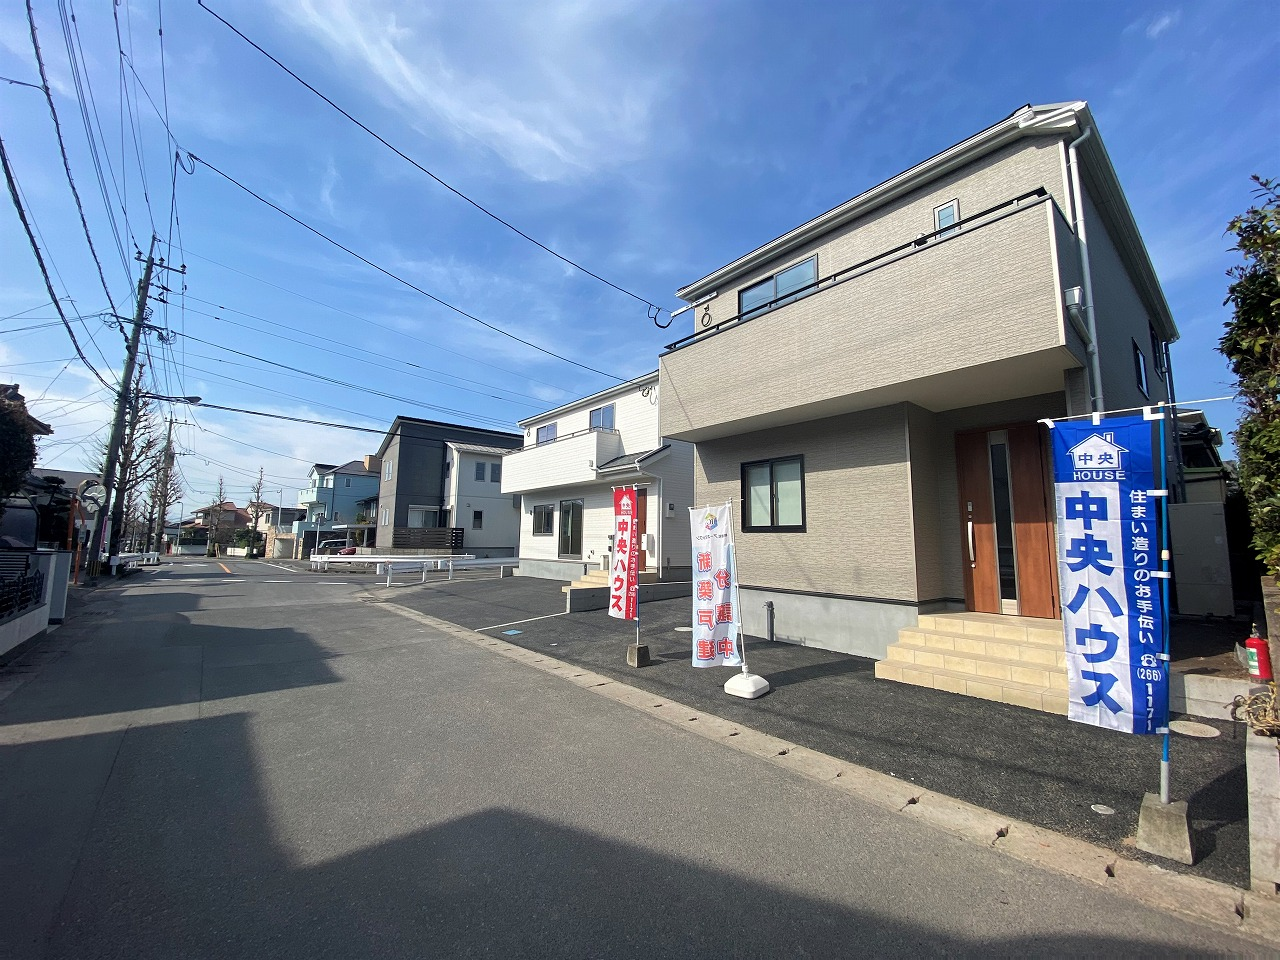 鹿児島市桜ケ丘1丁目でオープンハウス